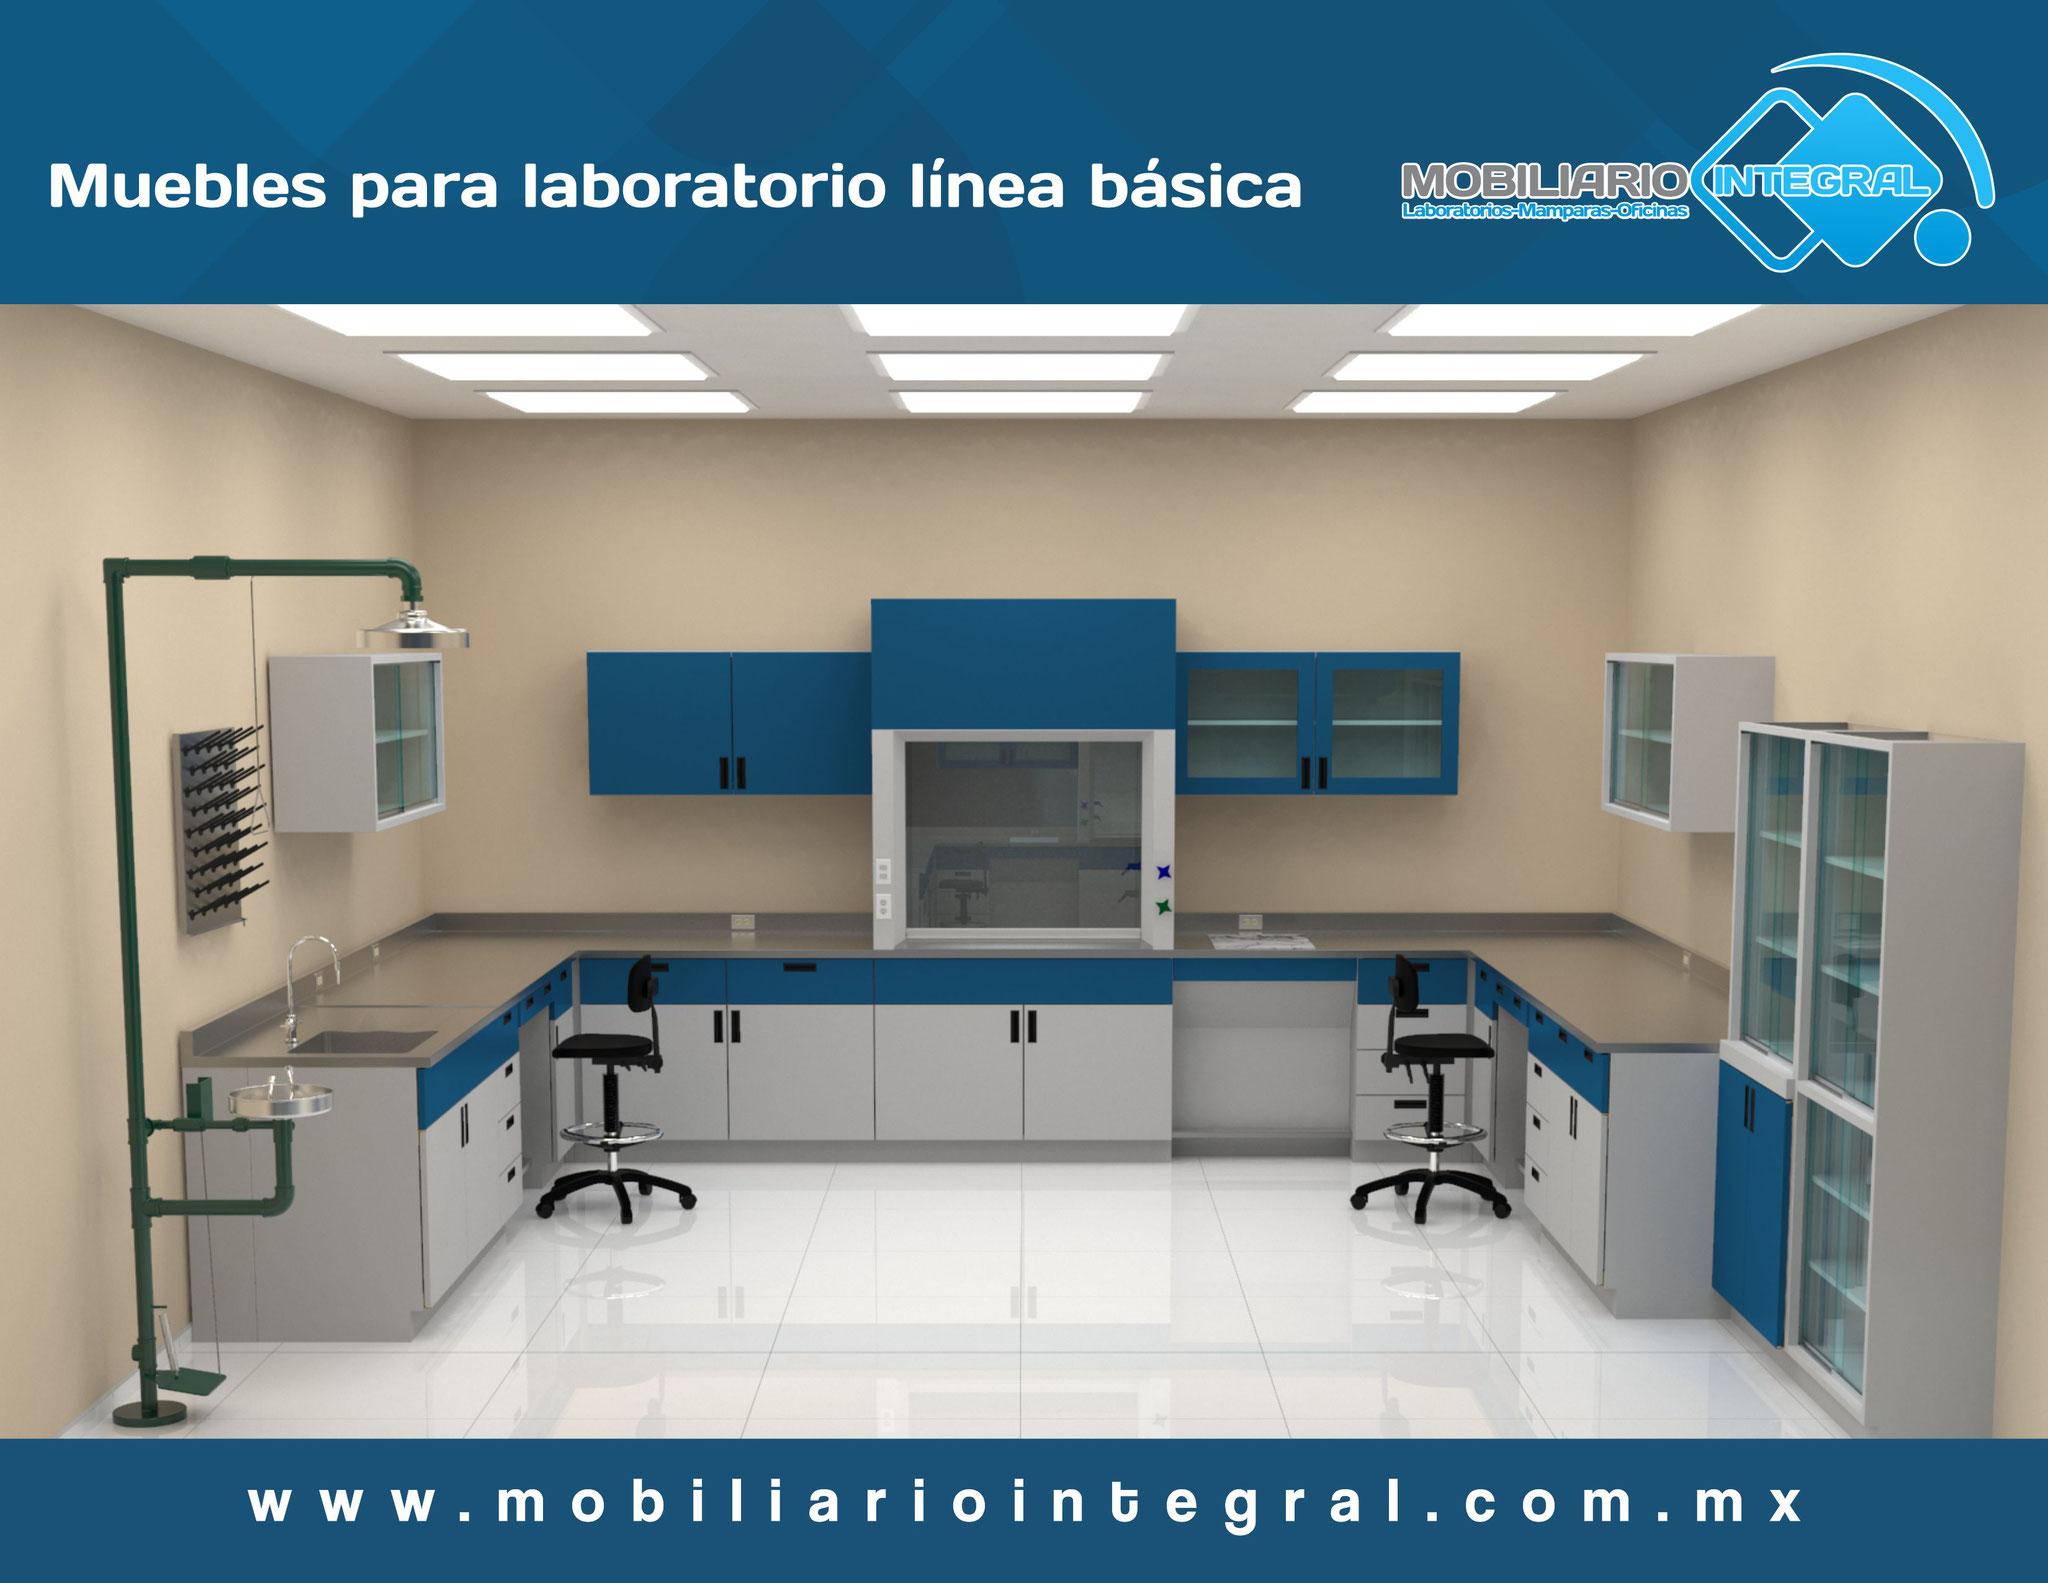 Muebles para laboratorio en Coahuila